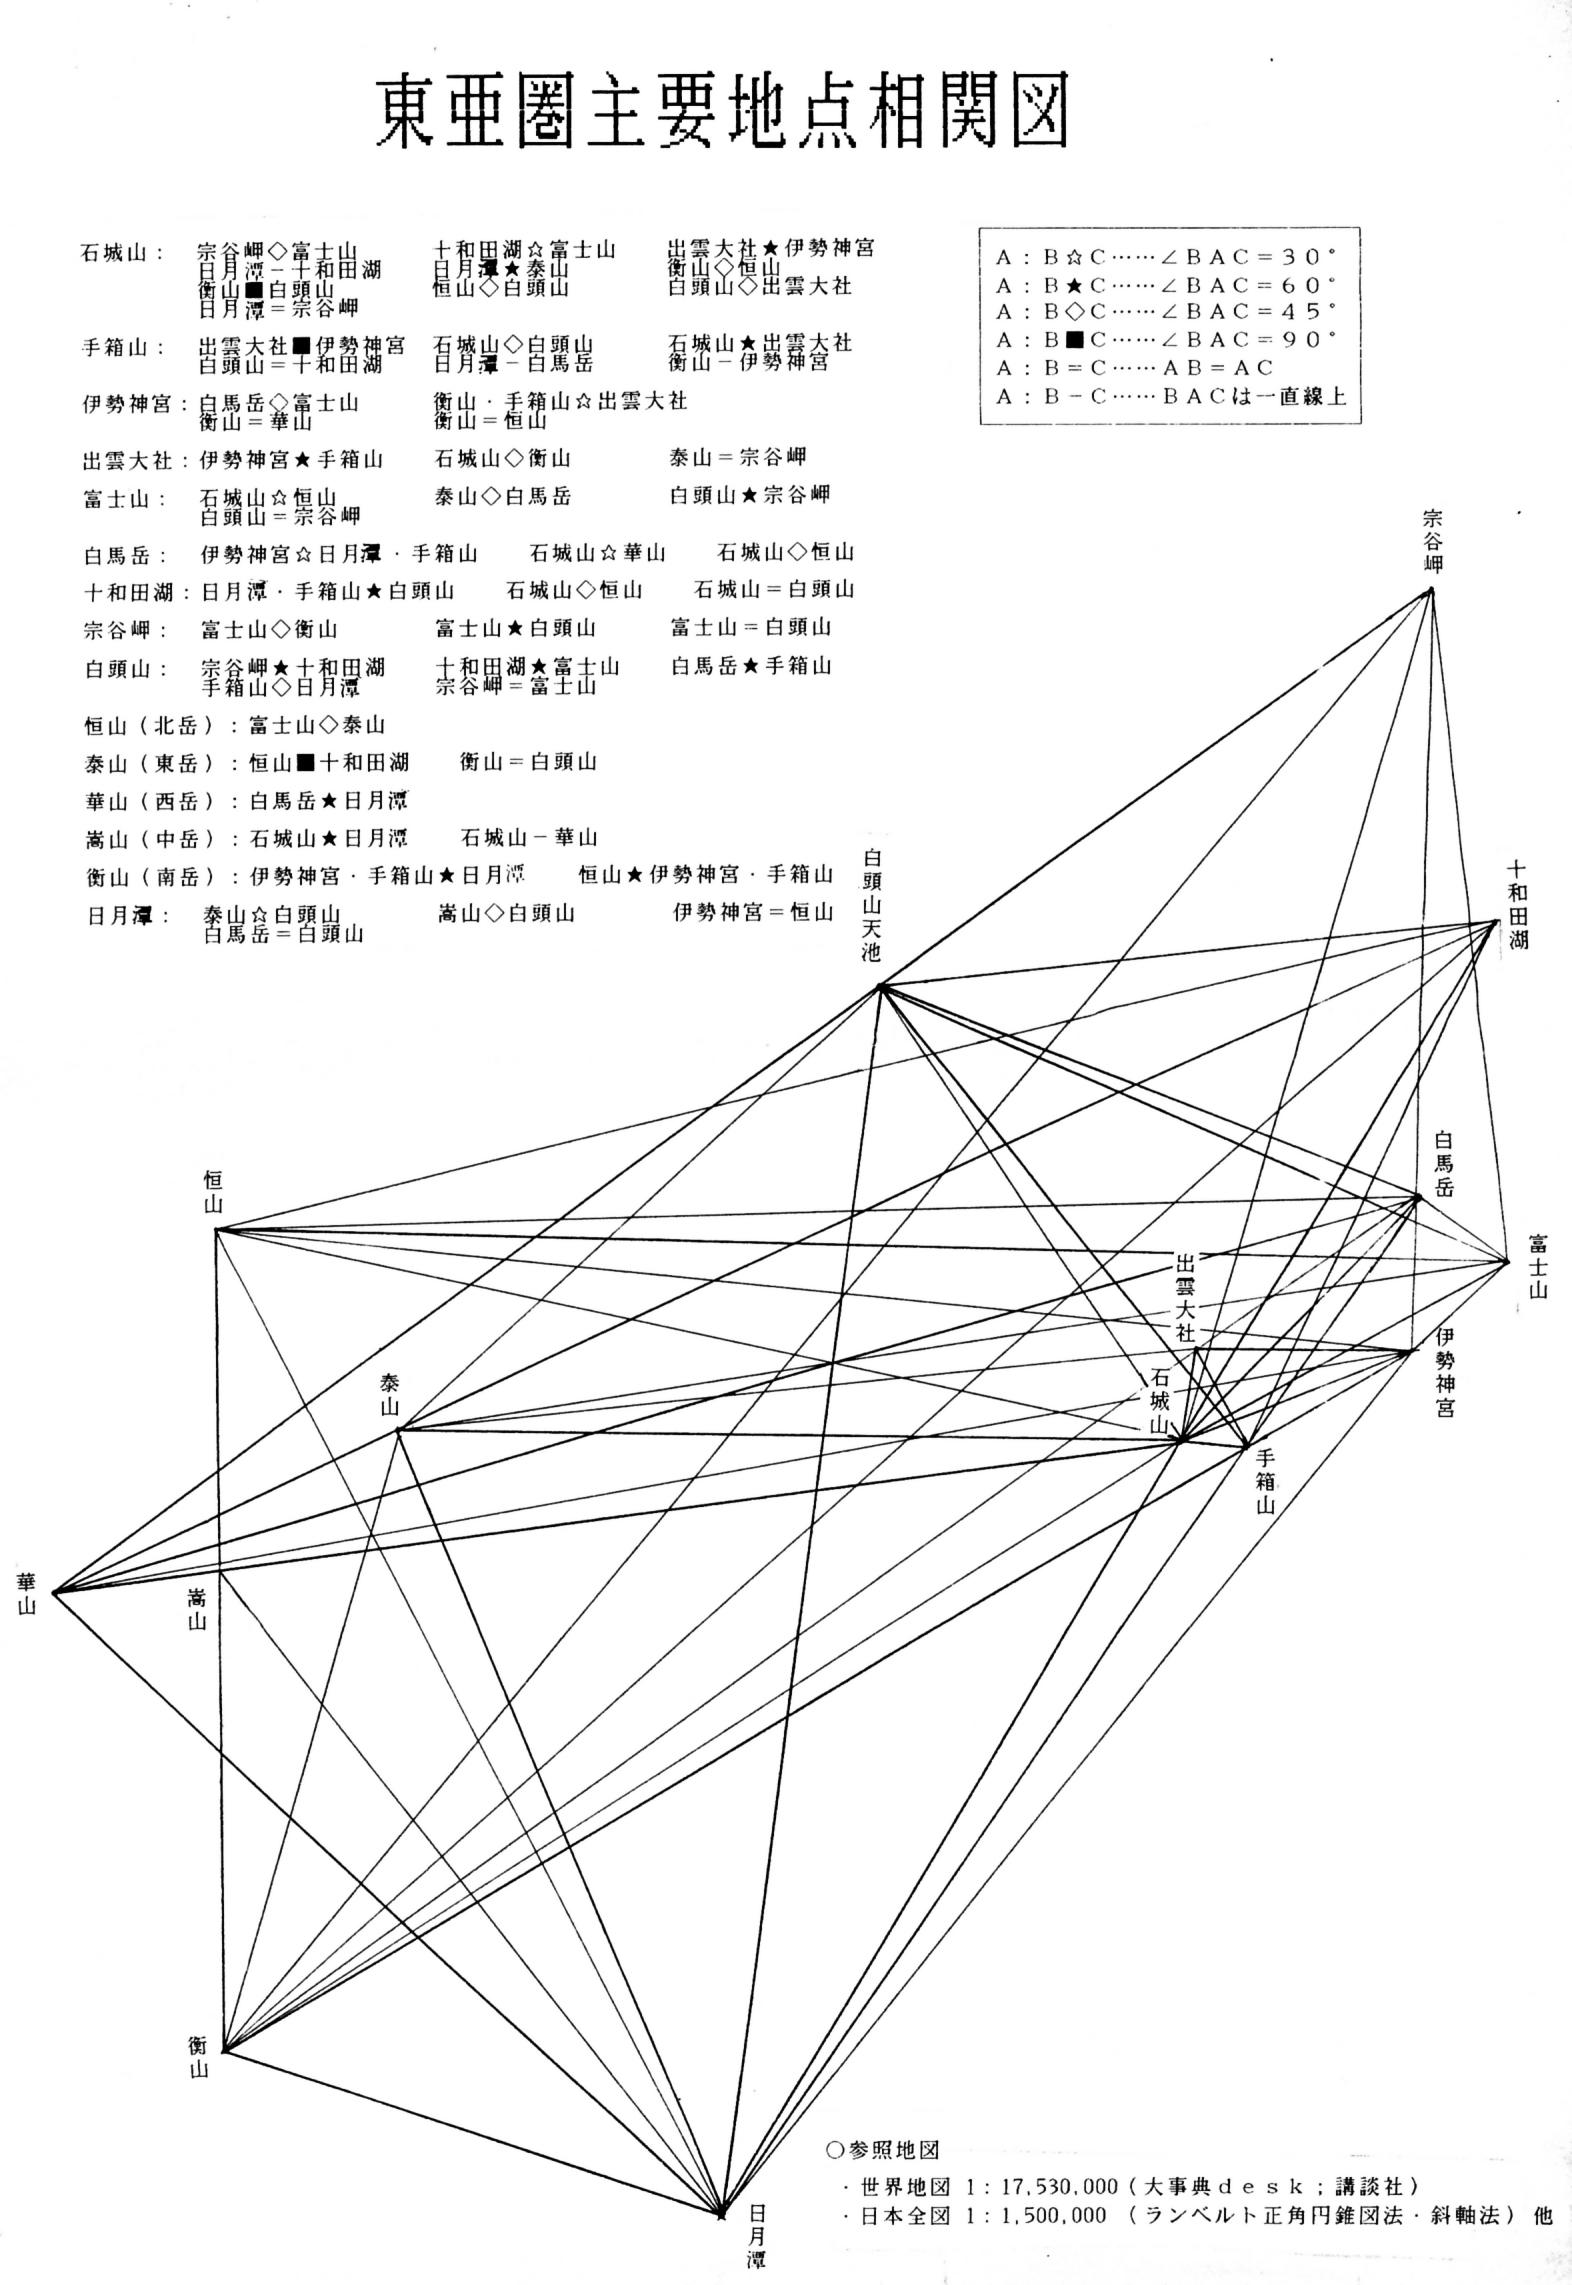 https://oshosina.c.blog.so-net.ne.jp/_images/blog/_e75/oshosina/E69DB1E4BA9CE59C8FE4B8BBE8A681E59CB0E782B9E79BB8E996A2E59BB3-58da1.jpg